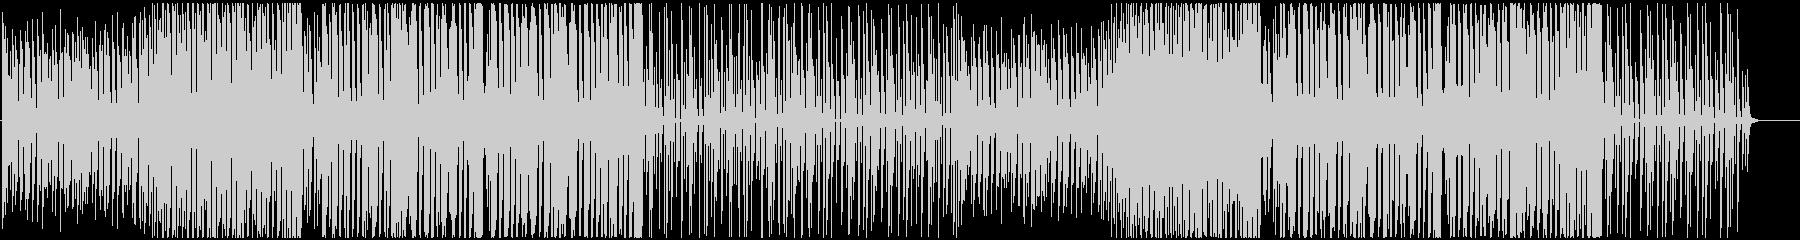 ハッピーなフューチャーベースの未再生の波形